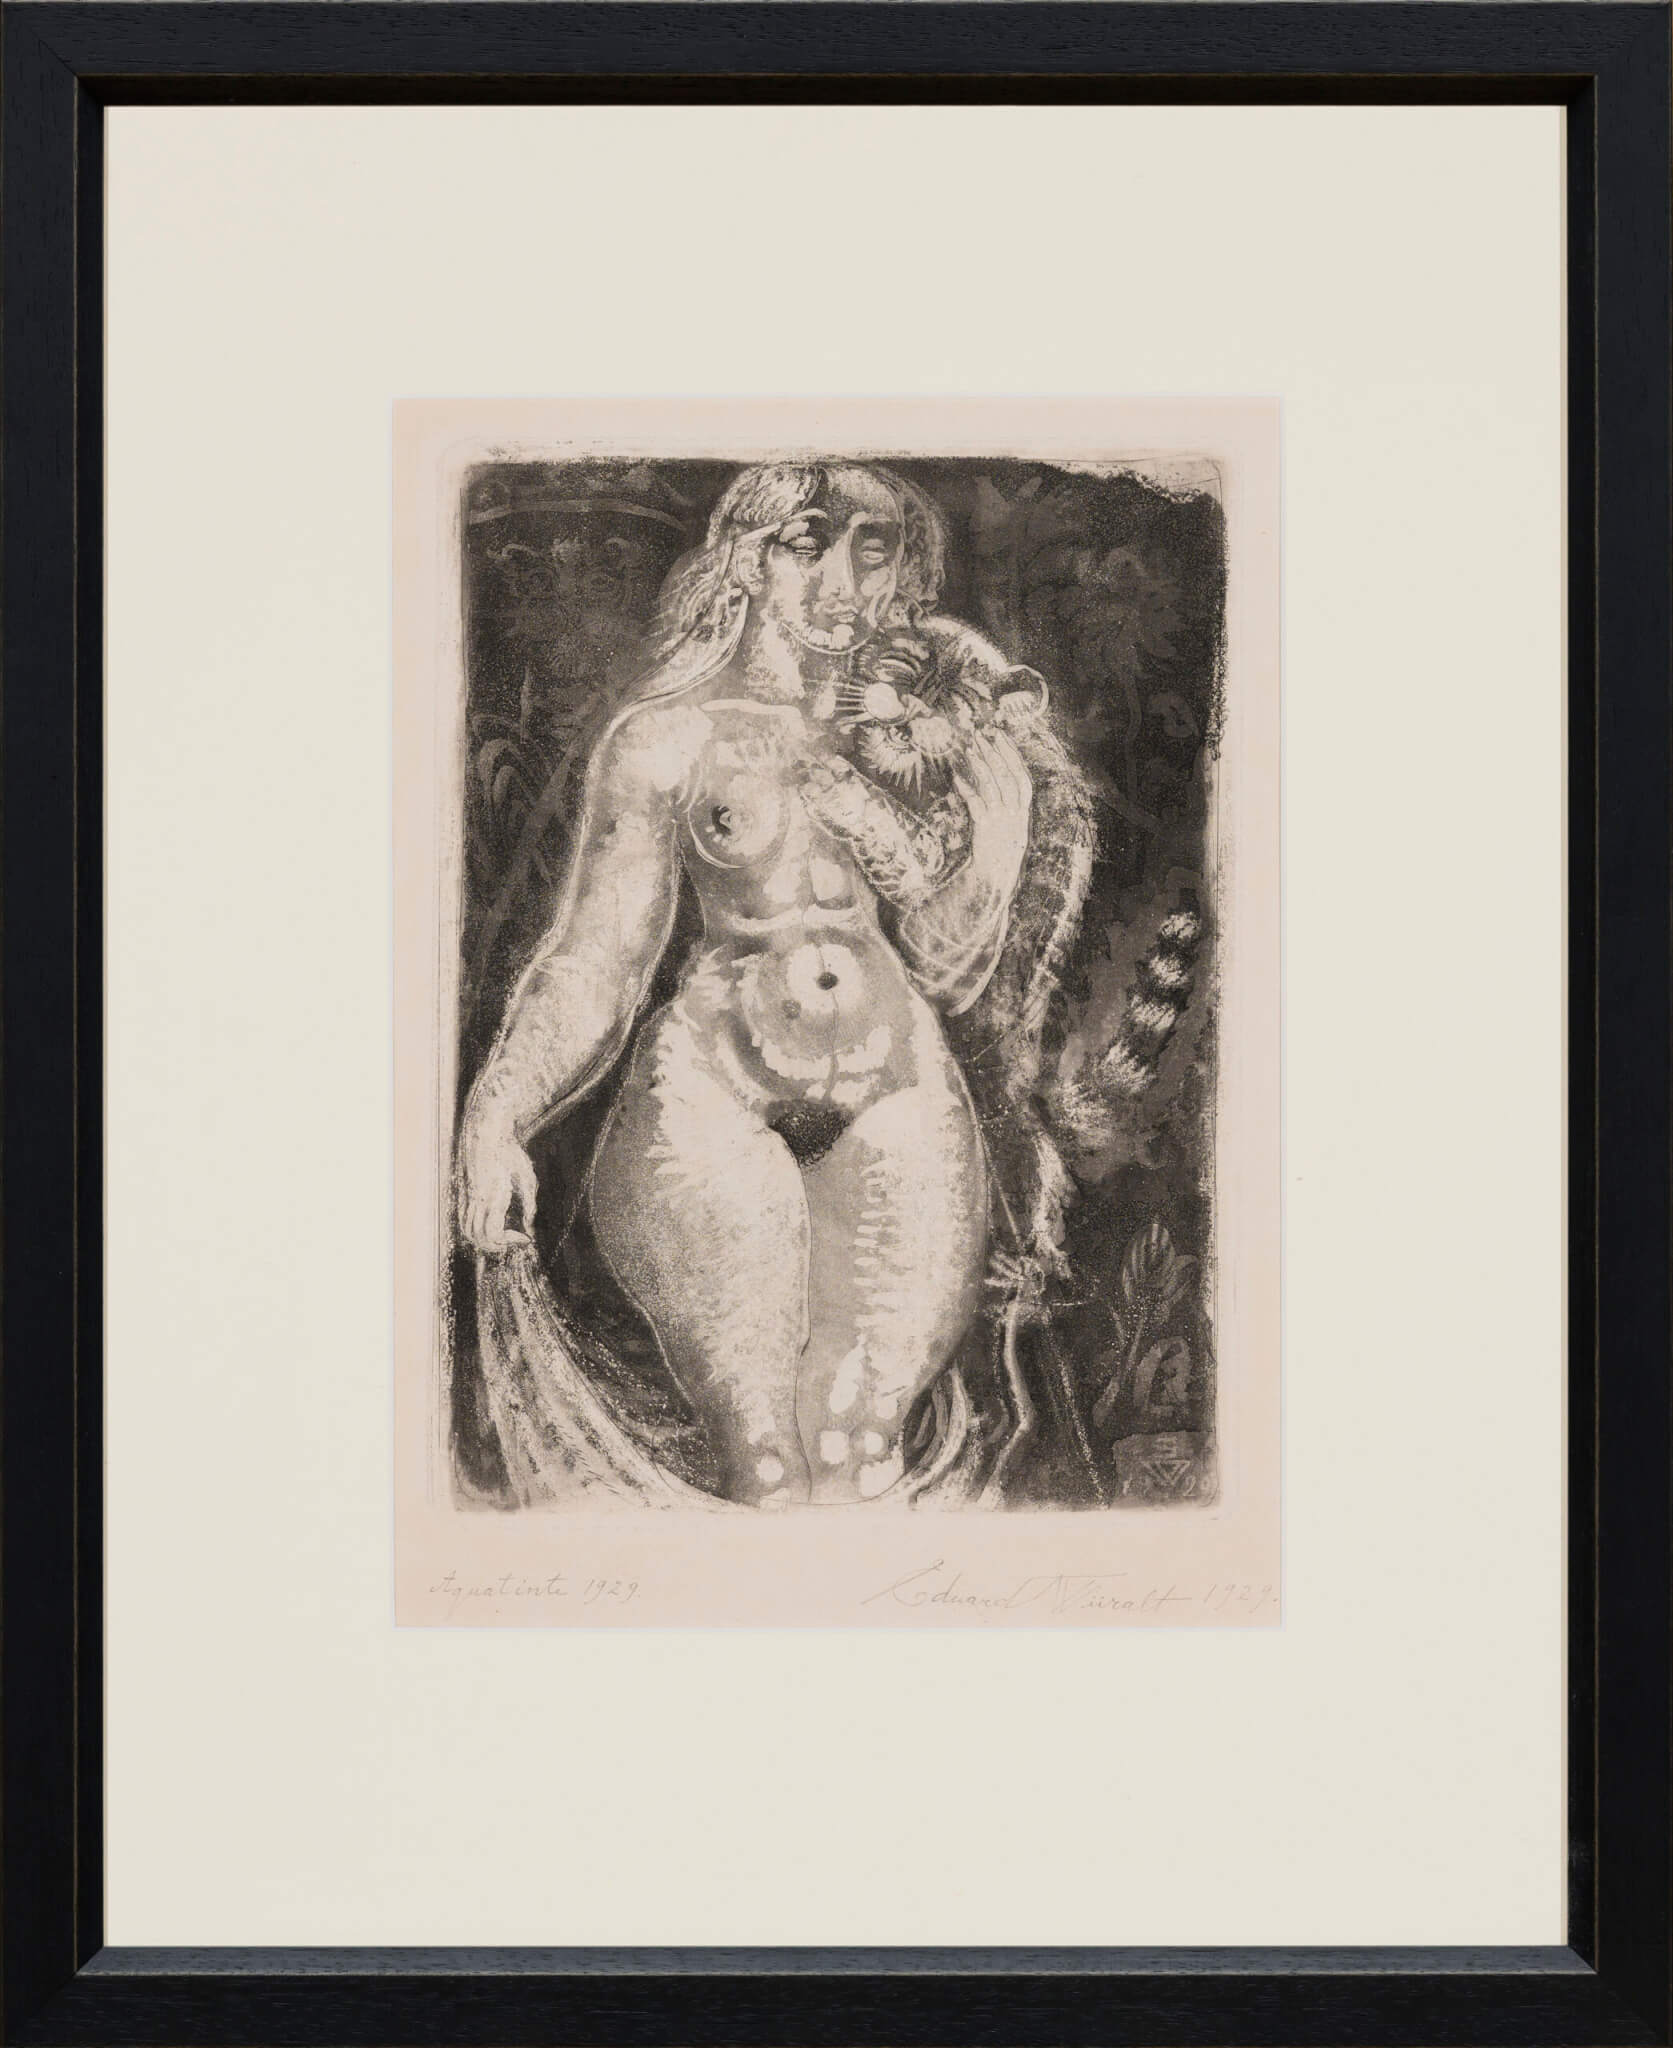 Eduard-Wiiralt-Naine-tiigripojaga-Allee-galerii-kunstioksjon